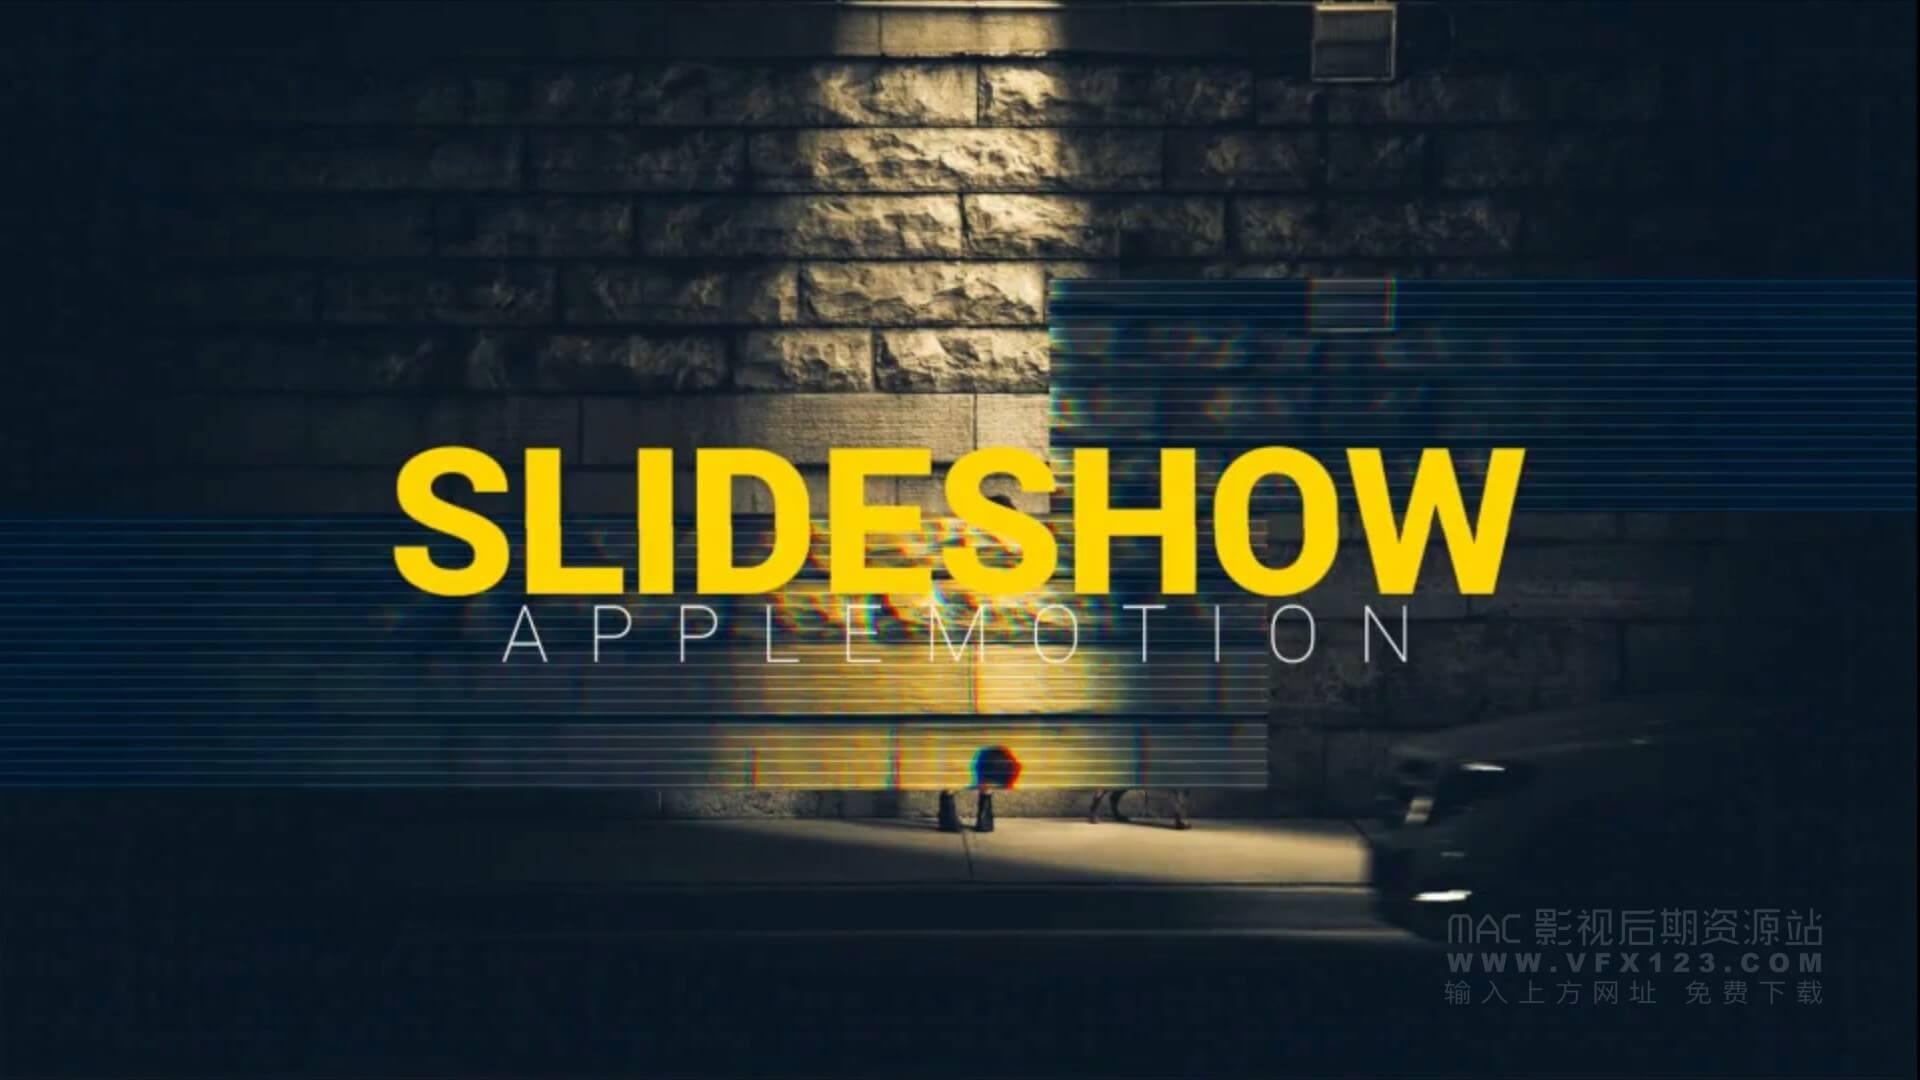 fcpx主题模板 信号故障效果图文视频展示 glitch slideshow | MAC影视后期资源站